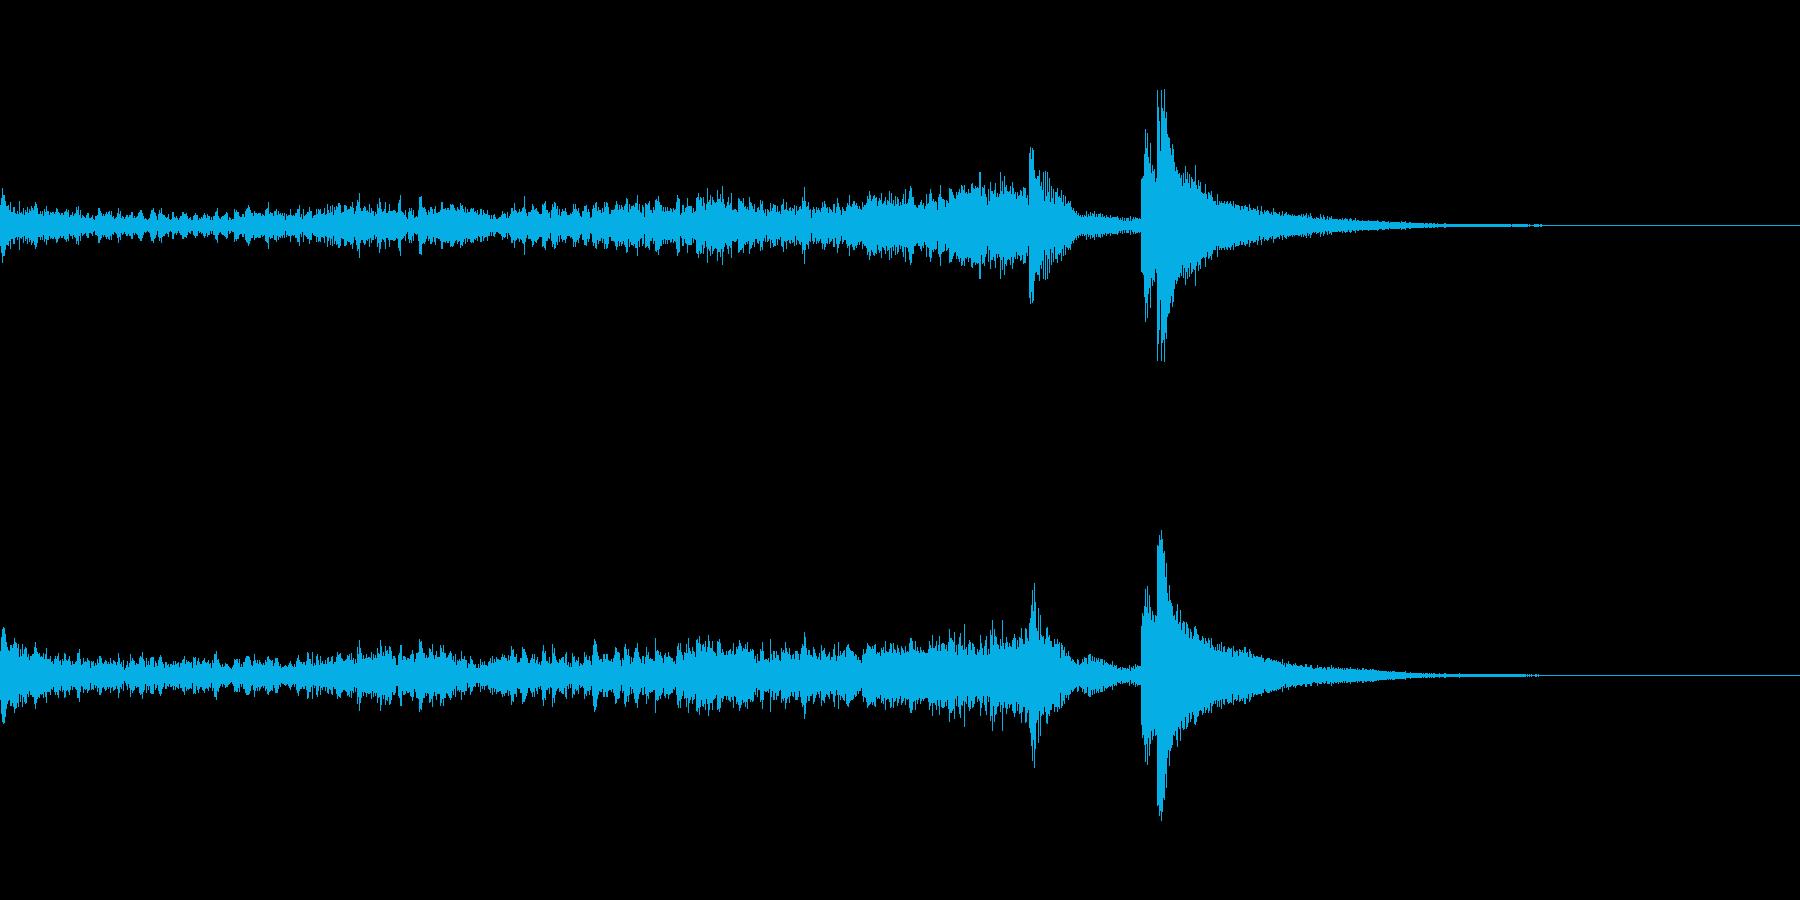 ティンパニーロール長+シンバル☆ドドン2の再生済みの波形